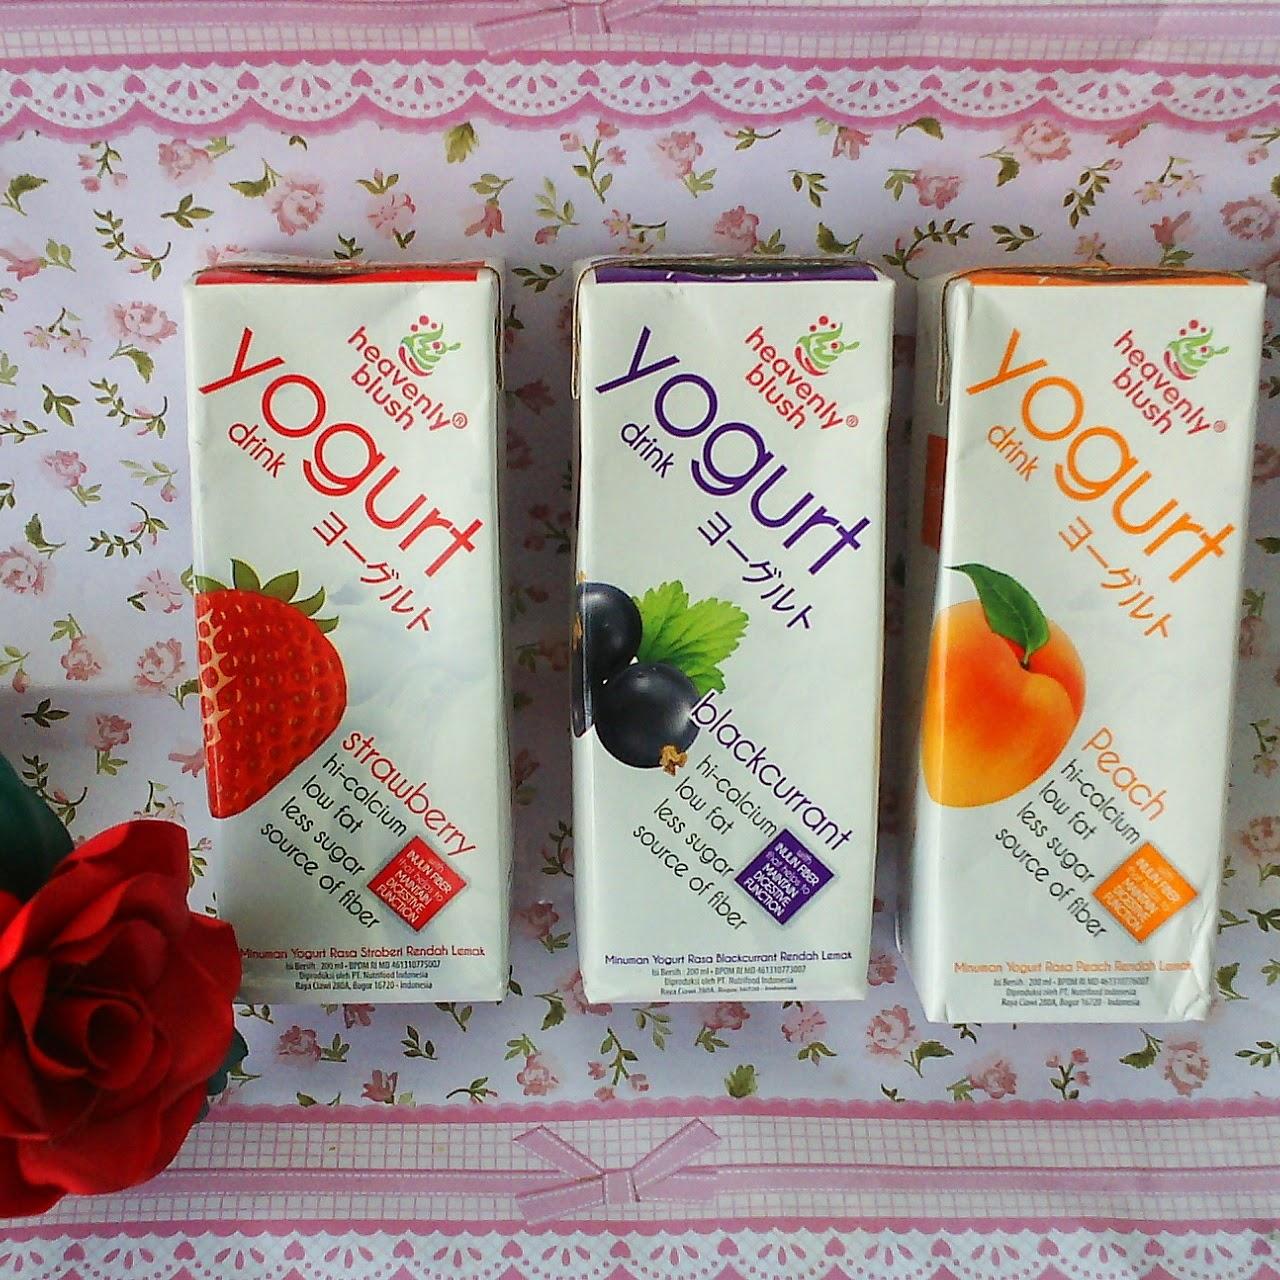 Susu atau Yoghurt yang Baik untuk Diet?